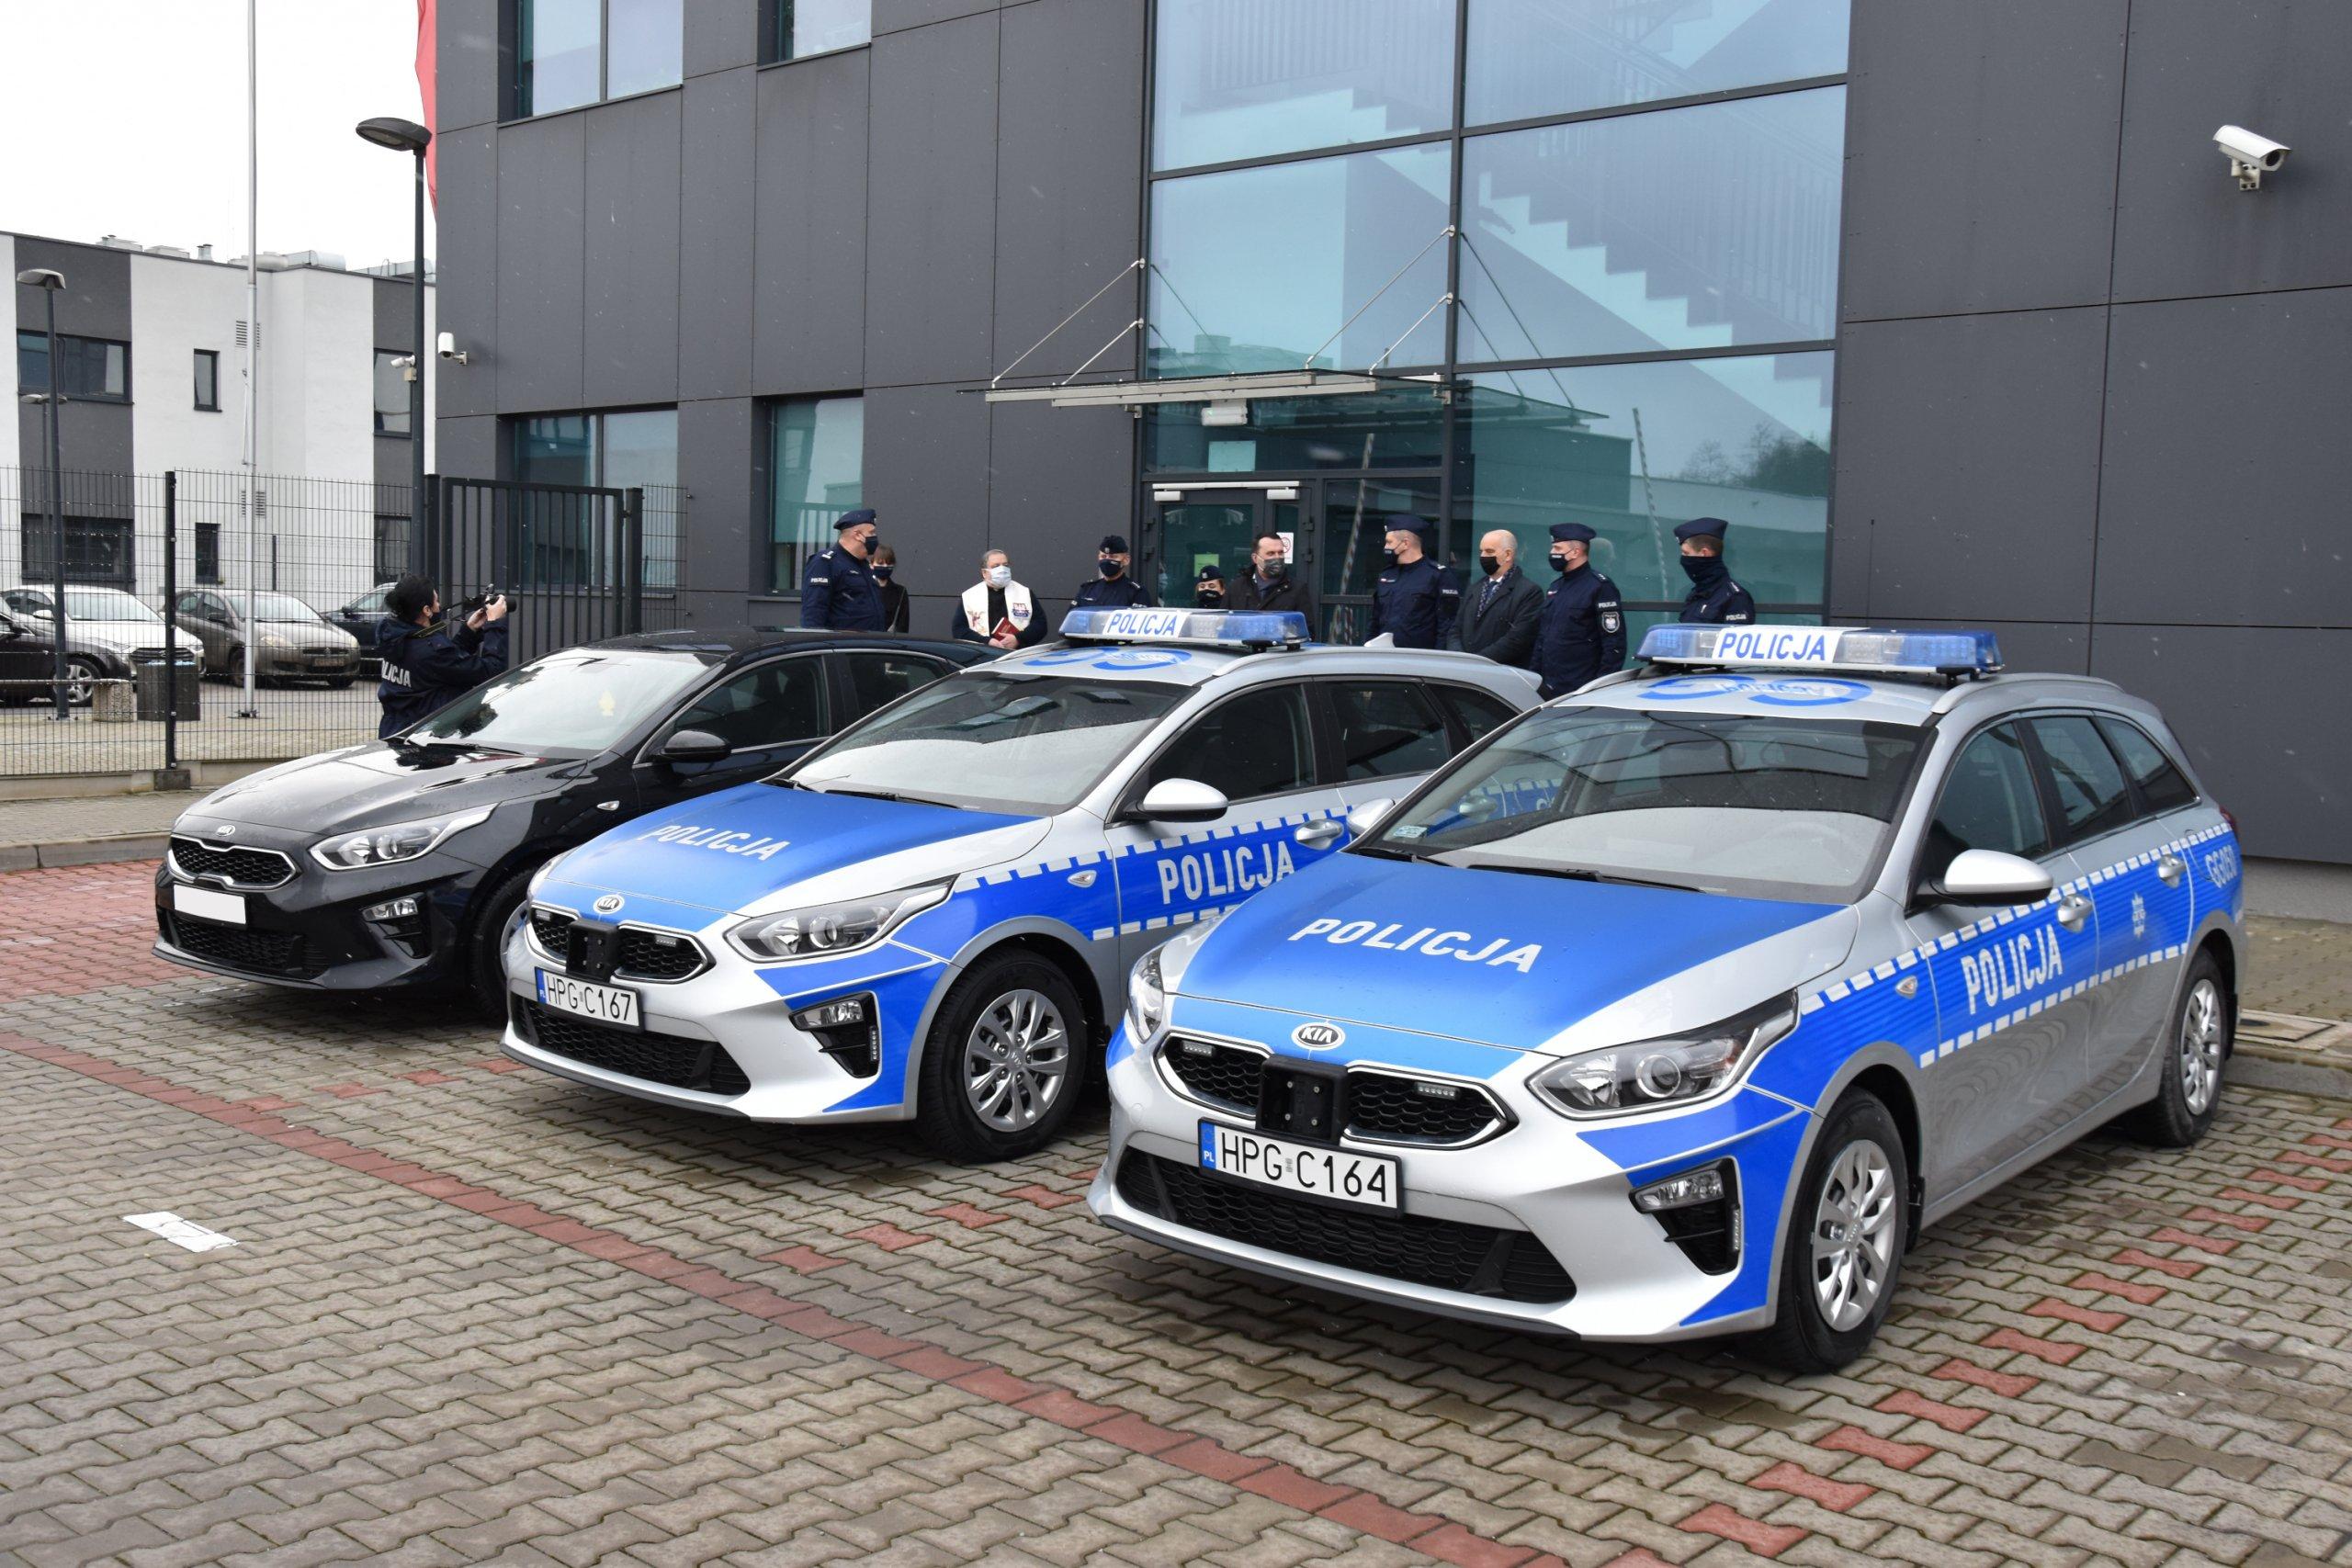 Przekazanie samochodów w KPP w Krakowie